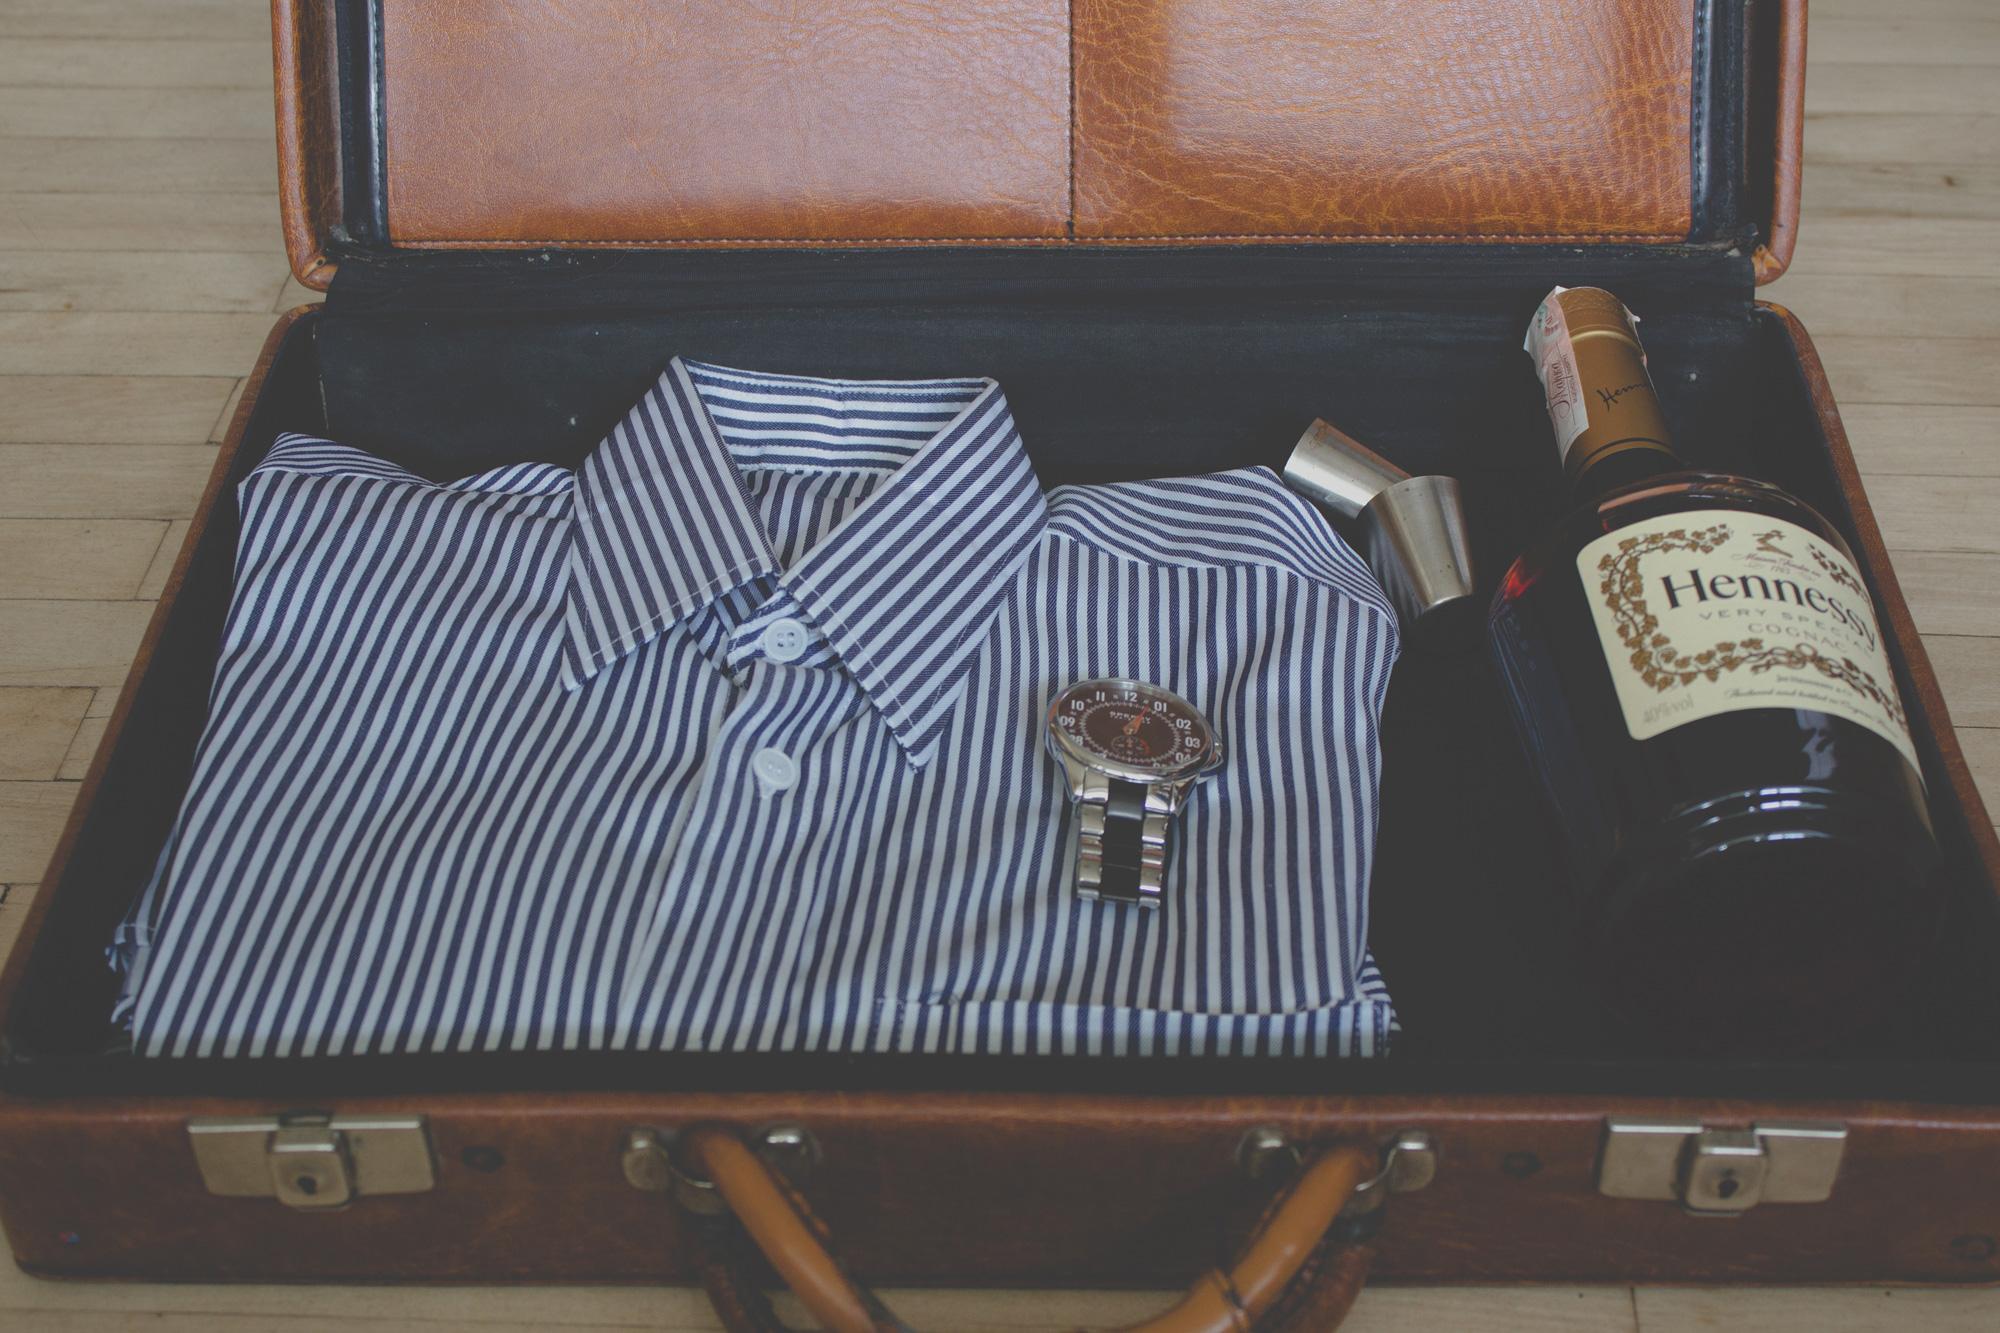 ein Lederkoffer mit Flasche Hennessy Cognac, Uhr und Hemd liegt auf dem Tisch in einer unserer Ferienwohnungen im Goms